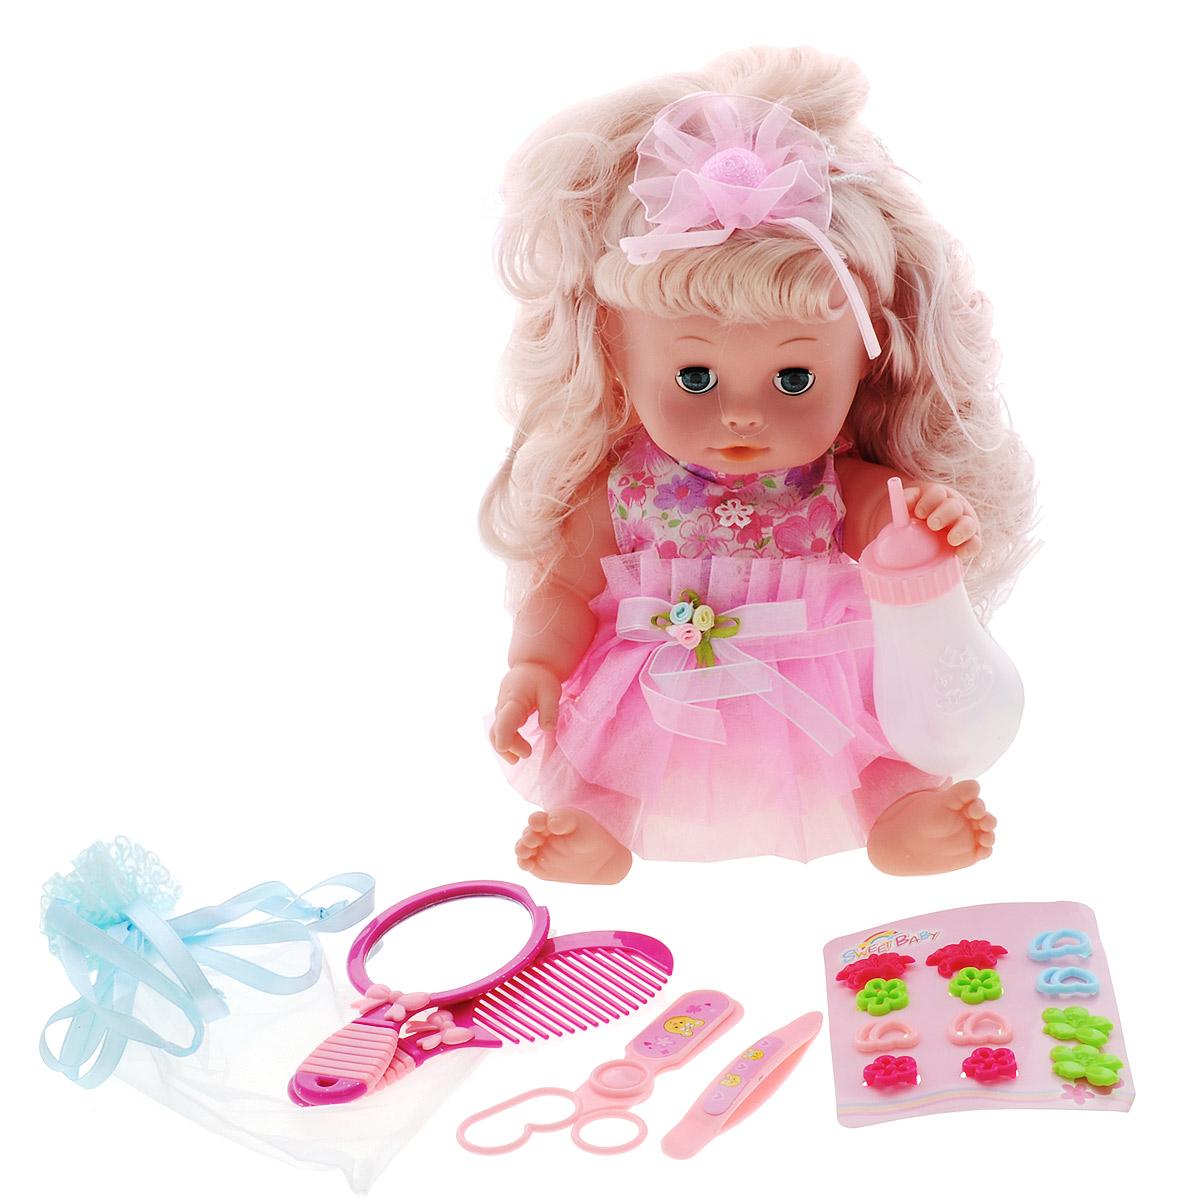 Tongde Игровой набор с куклой МалышкаВ72373_розовое платьеКукла Tongde Малышка это симпатичная куколка с умилительными пухленькими щёчками, одетая в воздушную юбочку и маечку без рукавом. Кукла умеет пить воду из бутылочки, закрывать глазки и даже писать. Длинные волосы позволят сделать разнообразные прически. За такой куколкой девочка будет с удовольствием ухаживать, кормить, расчесывать и украшать её - для этого в комплекте есть все необходимые аксессуары. А более интересной игру сделают звуковые эффекты. В комплект входит: кукла, бутылочка, расчёска, зеркальце, пинцет, ножницы и набор заколок.